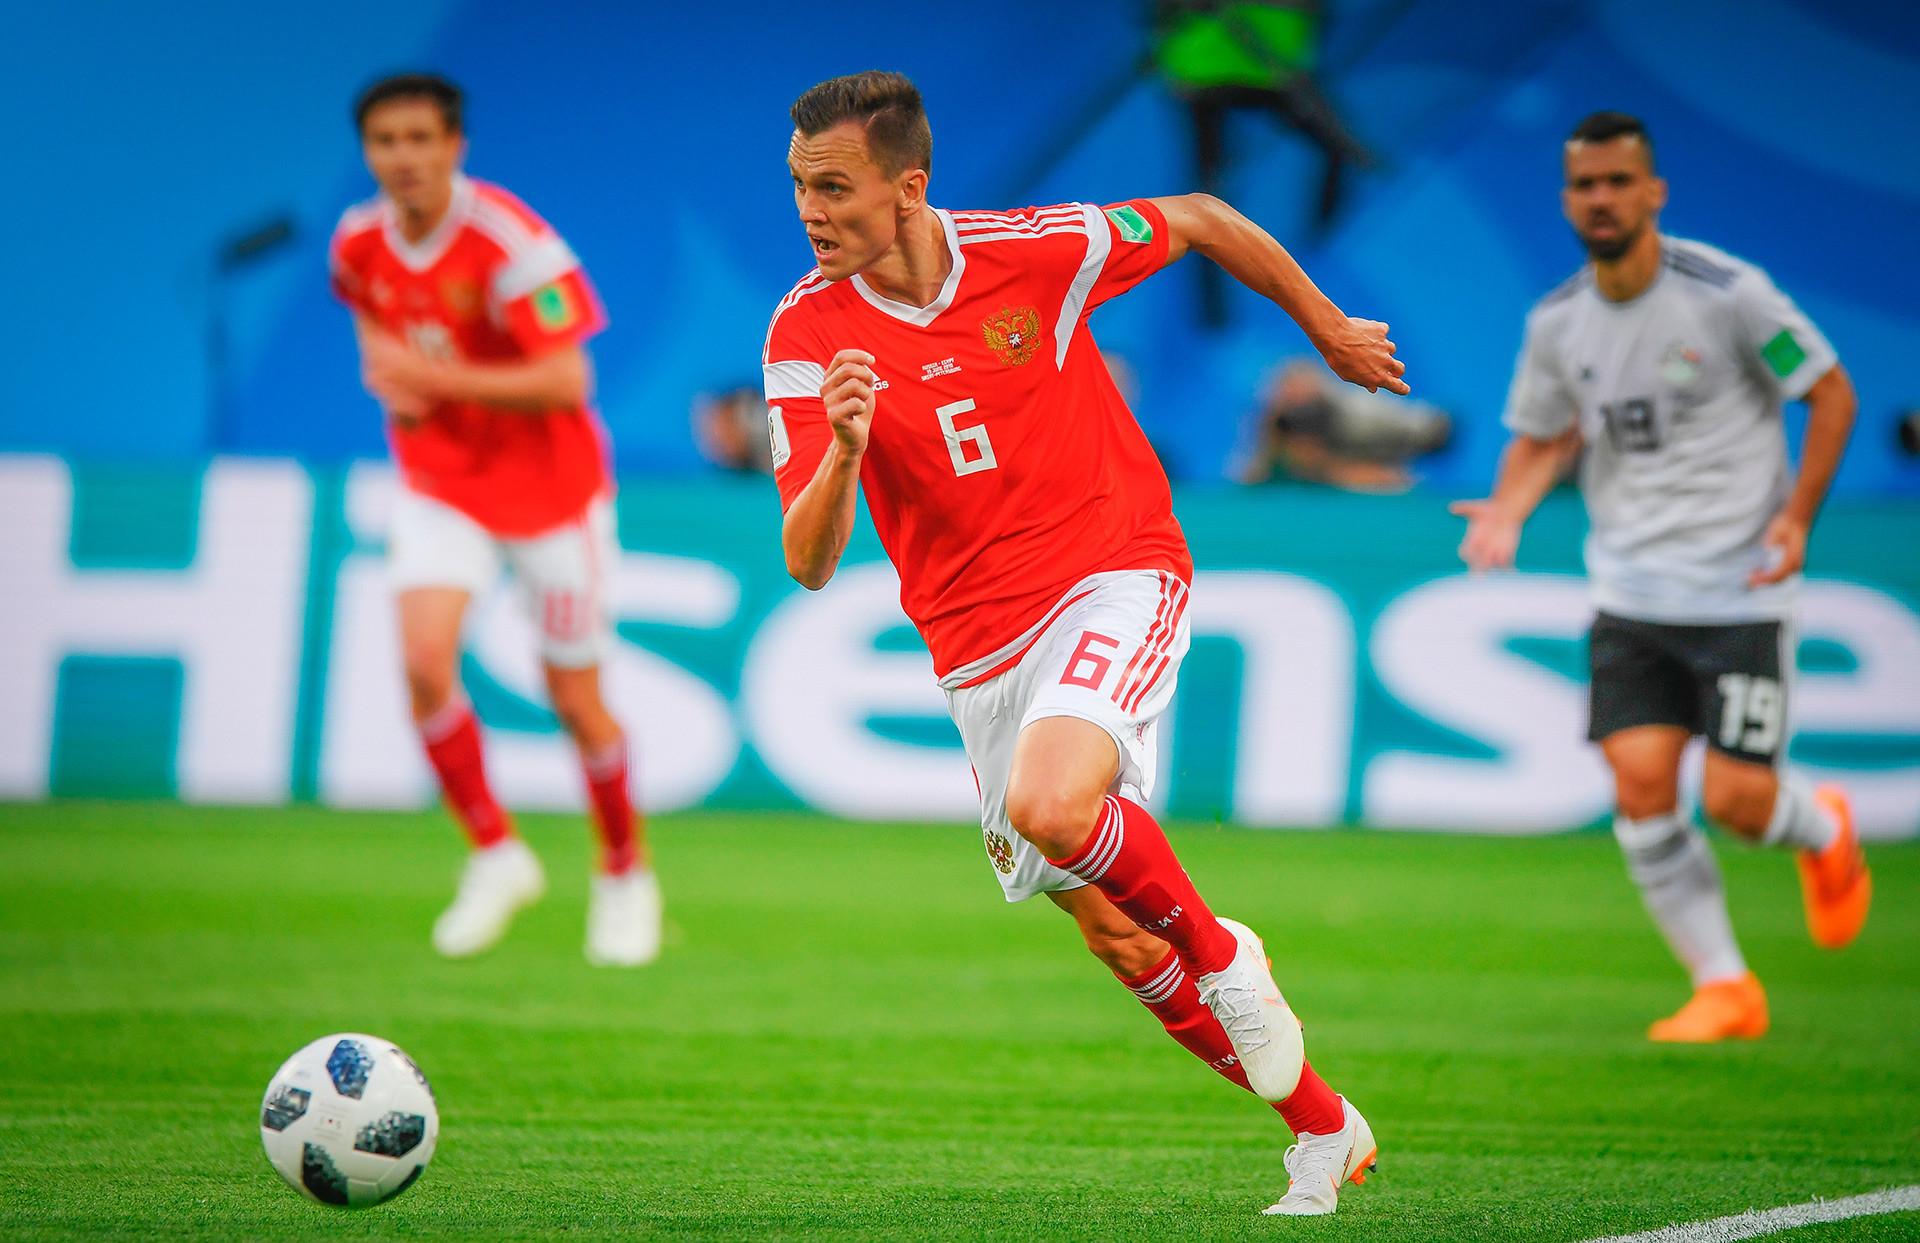 Денис Черишев је најбољи нападач руске репрезентације на овом шампионату. Постигао је голове на утакмицама против Саудијске Арабије (два), Египта и Хрватске.